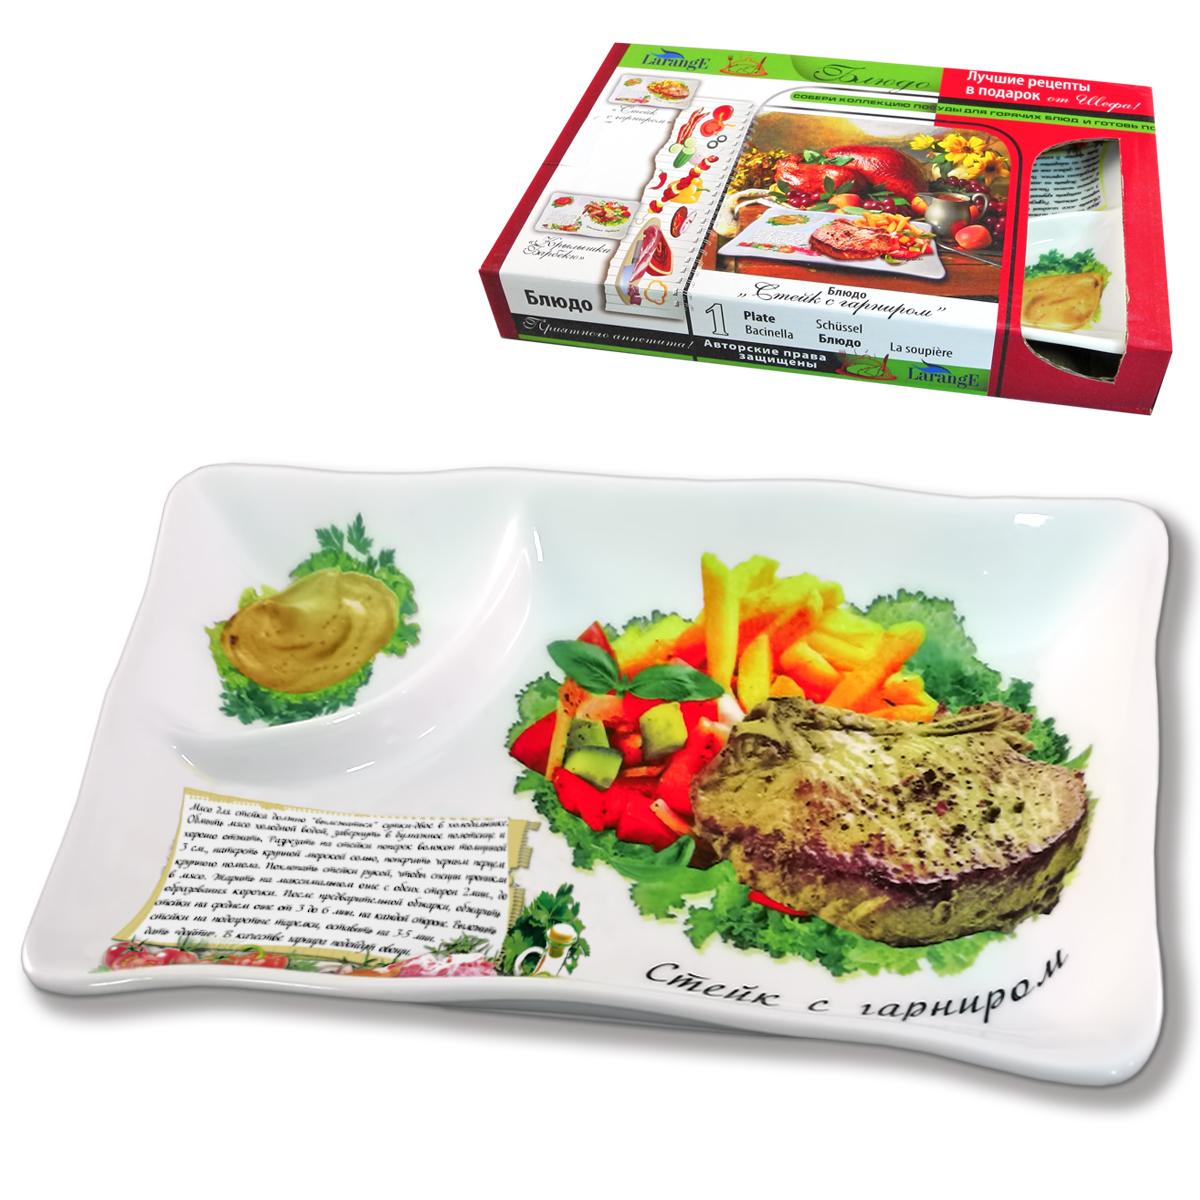 Блюдо LarangE Стейк с гарниром, 20,6 х 12,5 х 2,7 см598-065Блюдо LarangE Стейк с гарниром, выполненное из высококачественного фарфора, порадует вас изящным дизайном и практичностью. Блюдо имеет дополнительное отделение для соуса. Стенки блюда декорированы изображением стейка с гарниром. Кроме того, для упрощения процесса приготовления на стенках написан рецепт. В комплект прилагается небольшой буклет с рецептами любимых блюд.Такое блюдо украсит ваш праздничный или обеденный стол, а оригинальное исполнение понравится любой хозяйке.Можно использовать в микроволновой печи, духовом шкафу, посудомоечной машине, холодильнике. Не применять абразивные чистящие вещества.